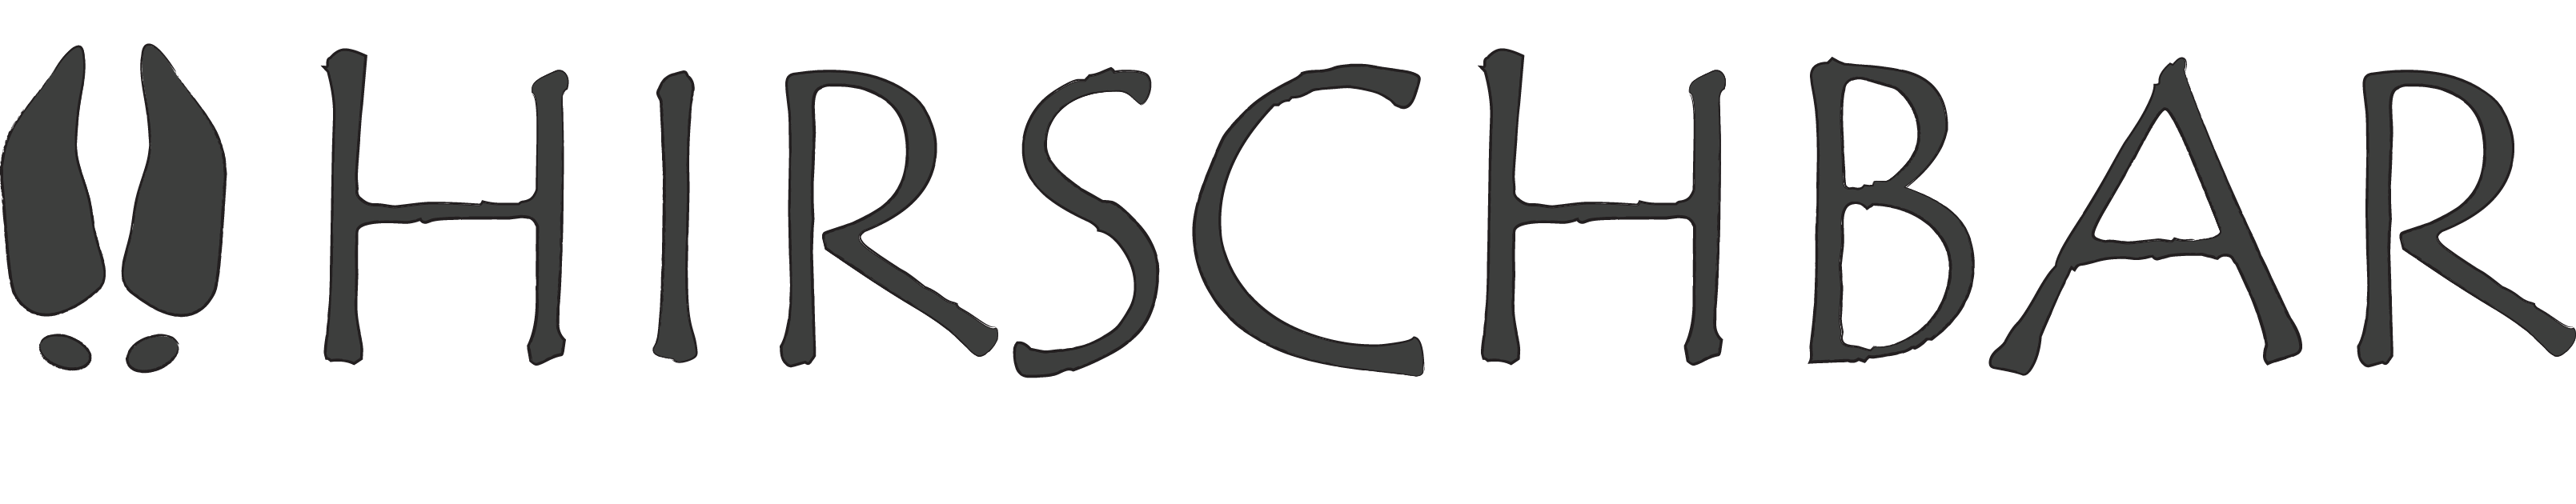 Hirschbar